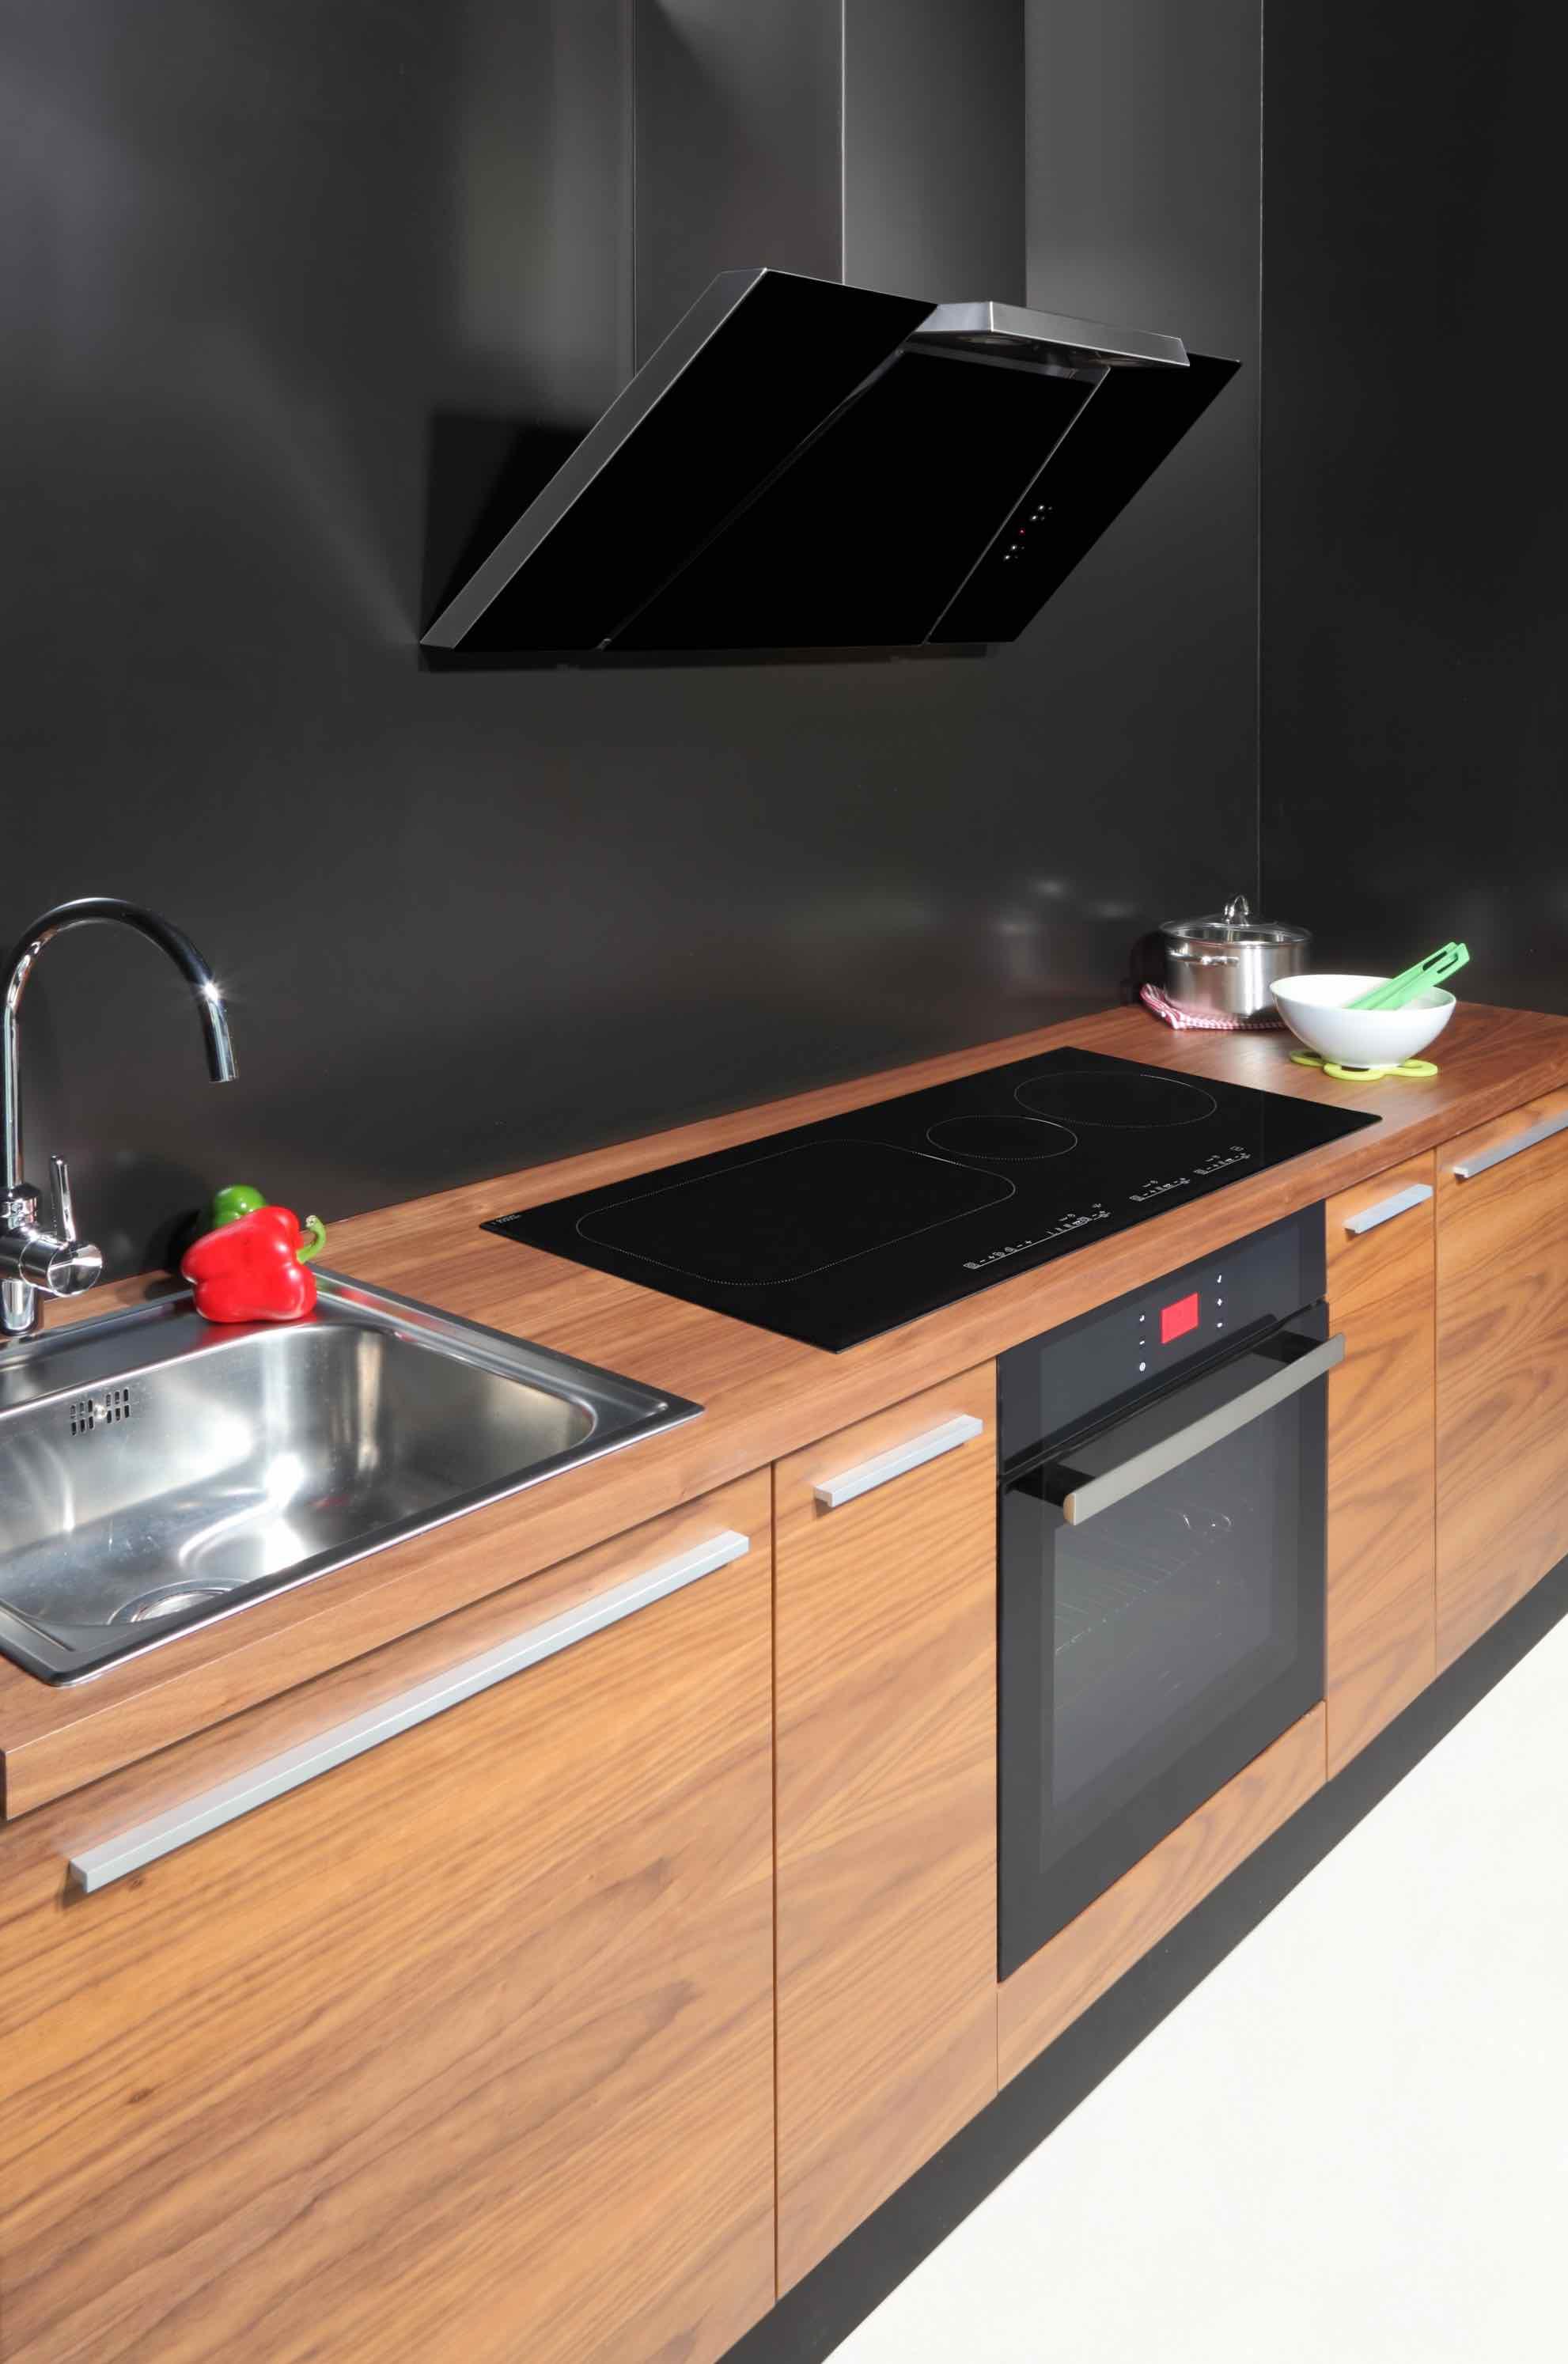 Campanas de cocina en casas pasivas o passivhaus evowall - Campana extractora cocina ...